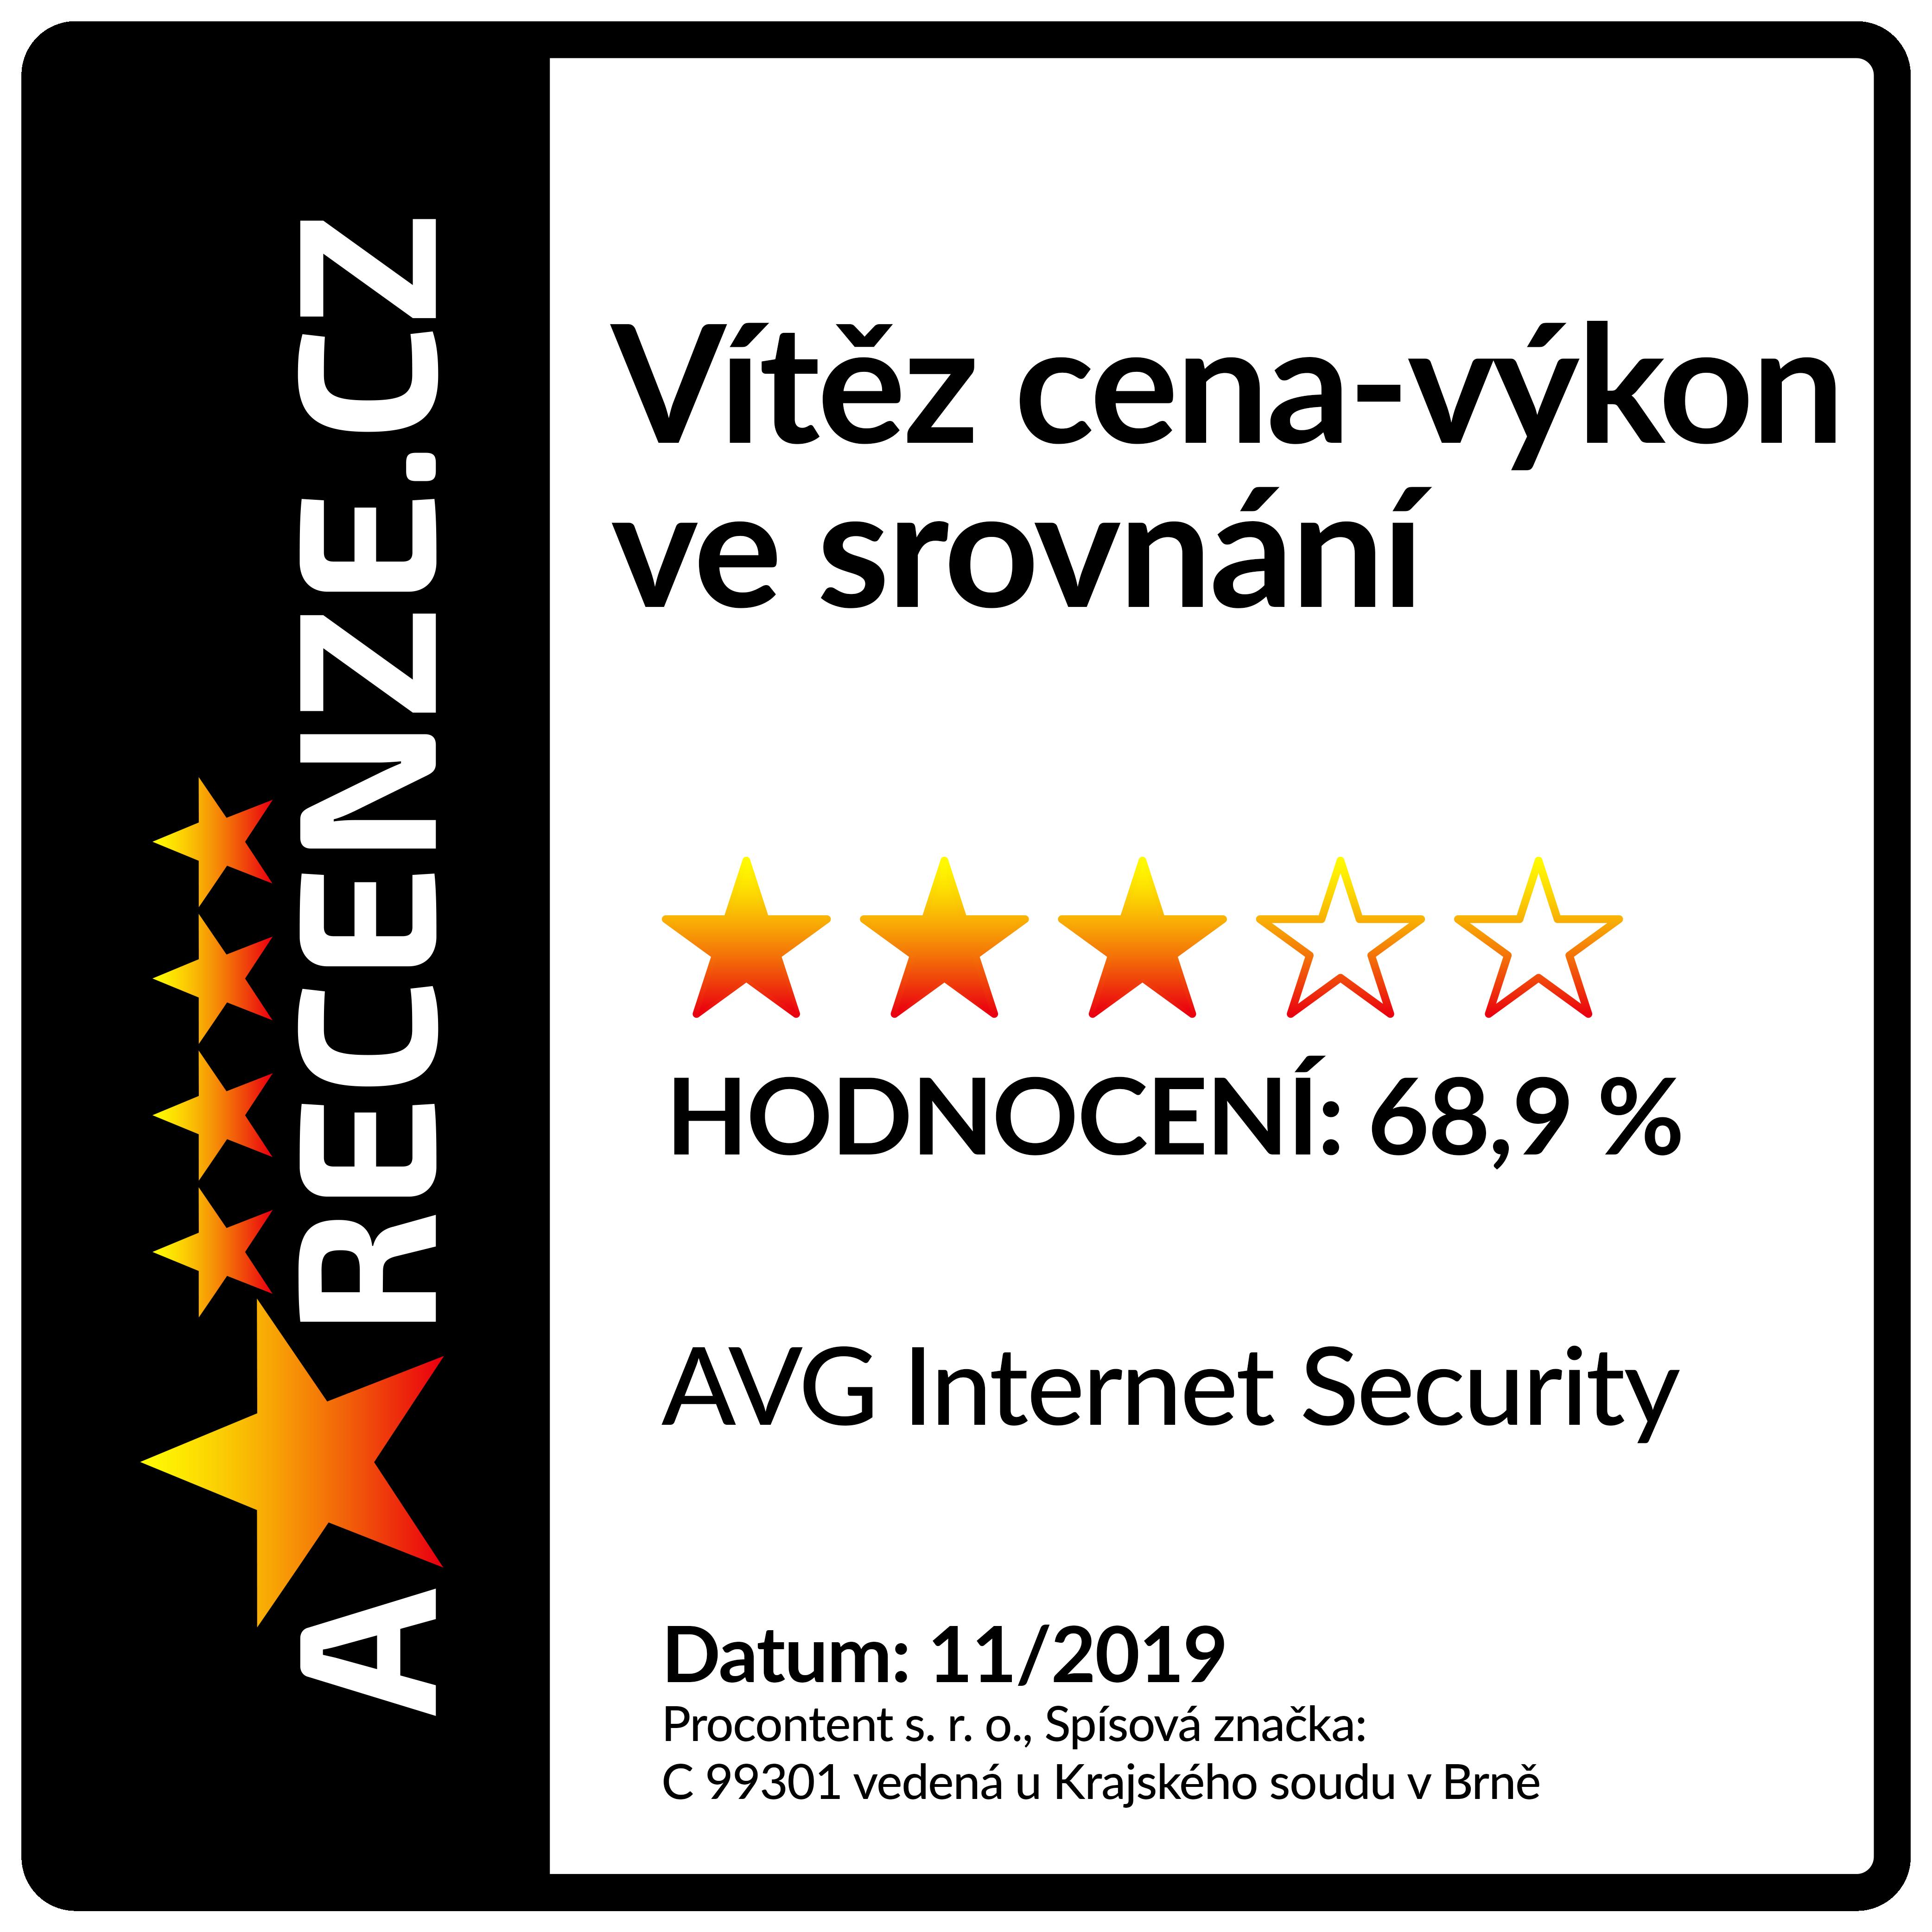 Arecenze.cz